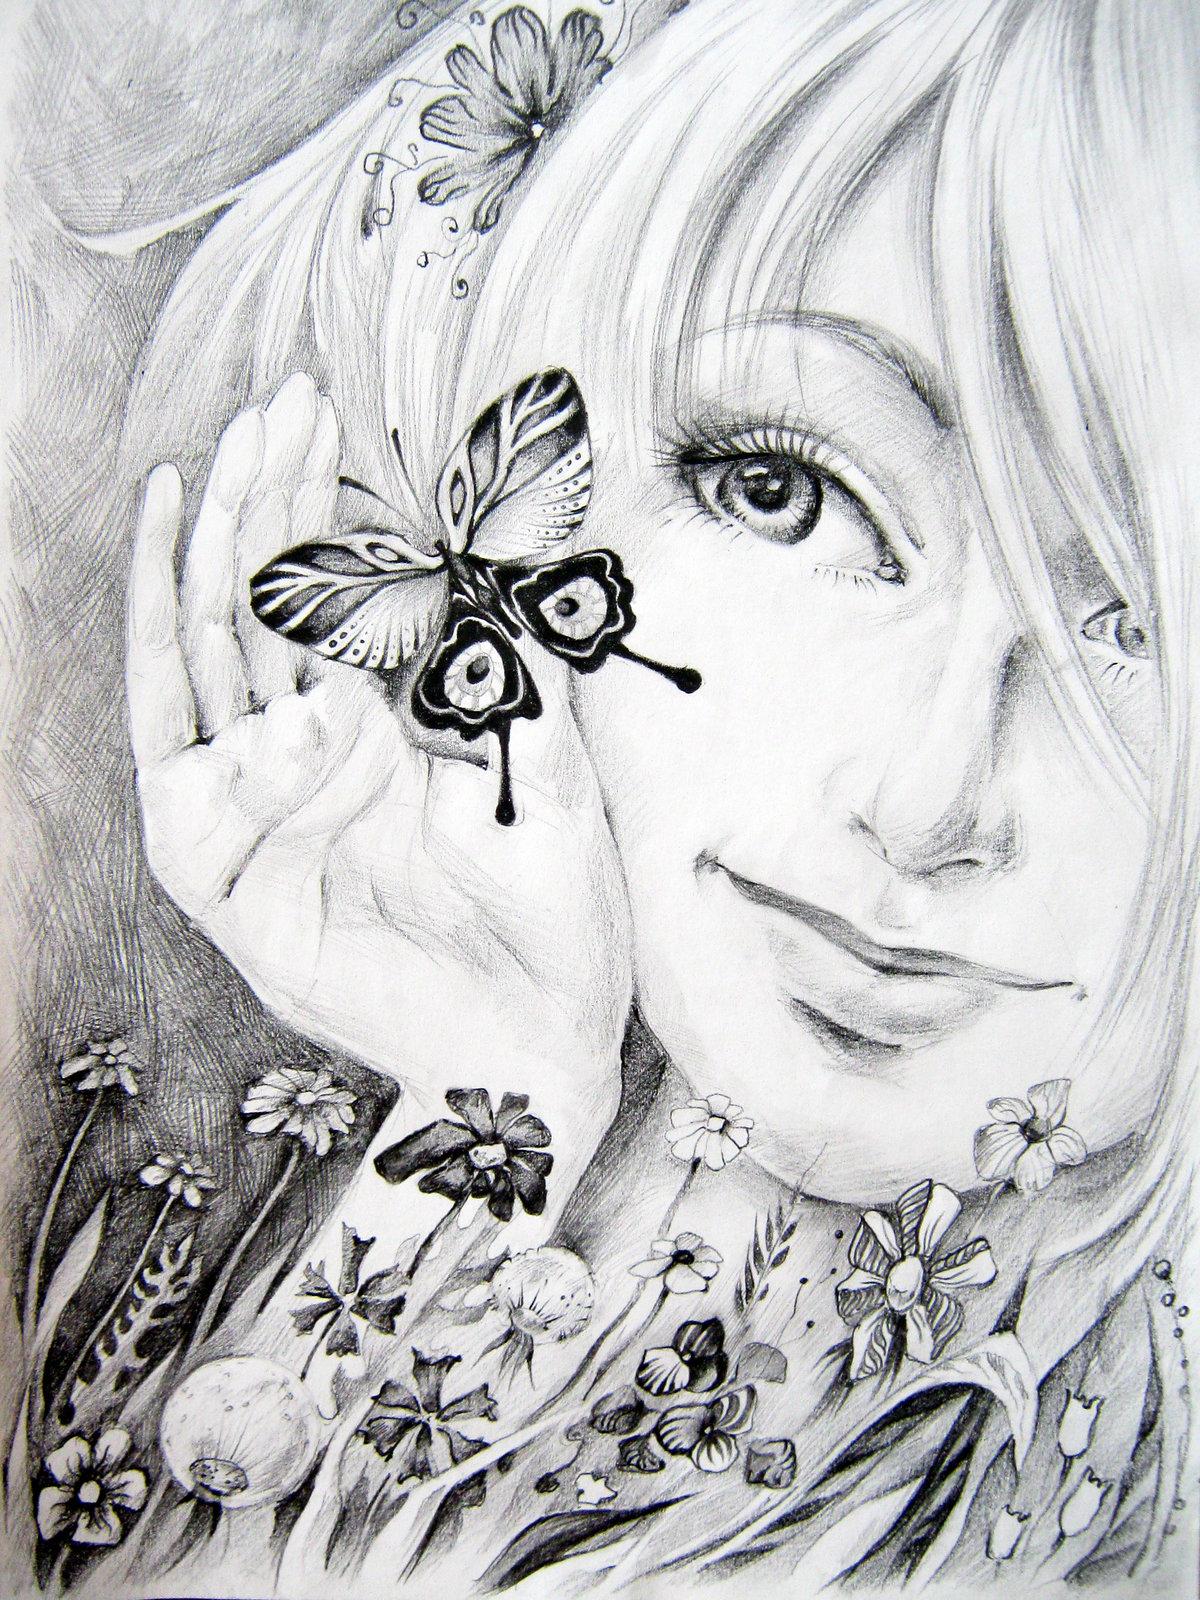 цветы фэнтези карандашом картинки дул